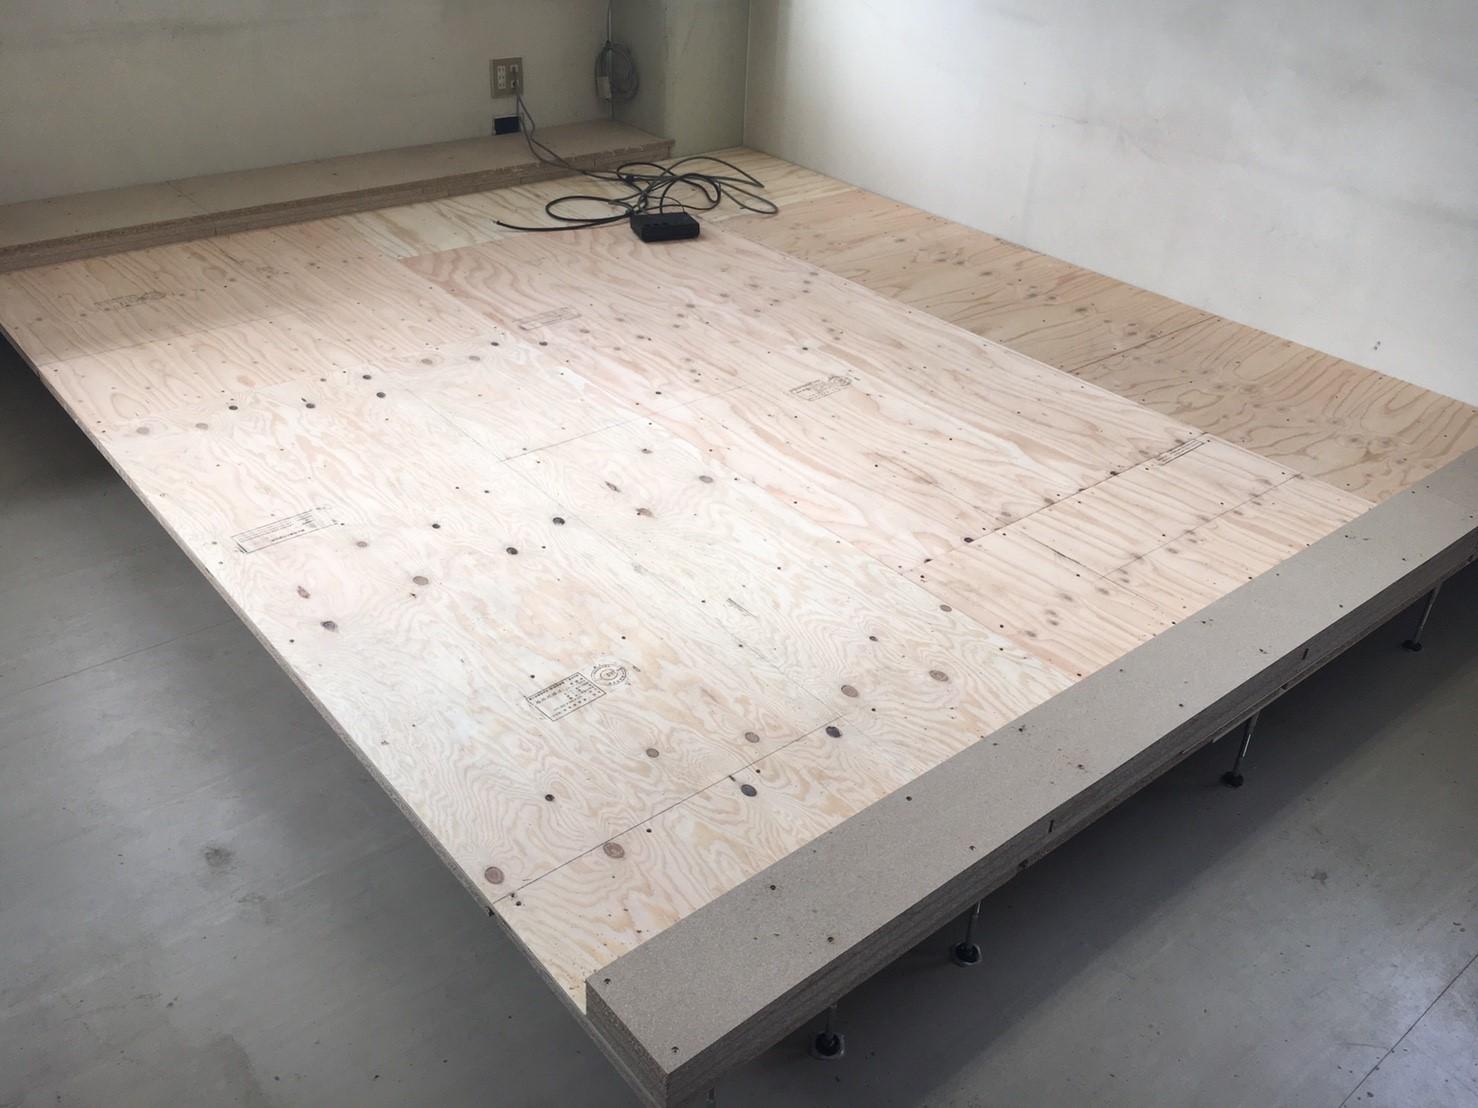 ドラッグストア従業員休憩スペースへの置床・乾式二重床工事